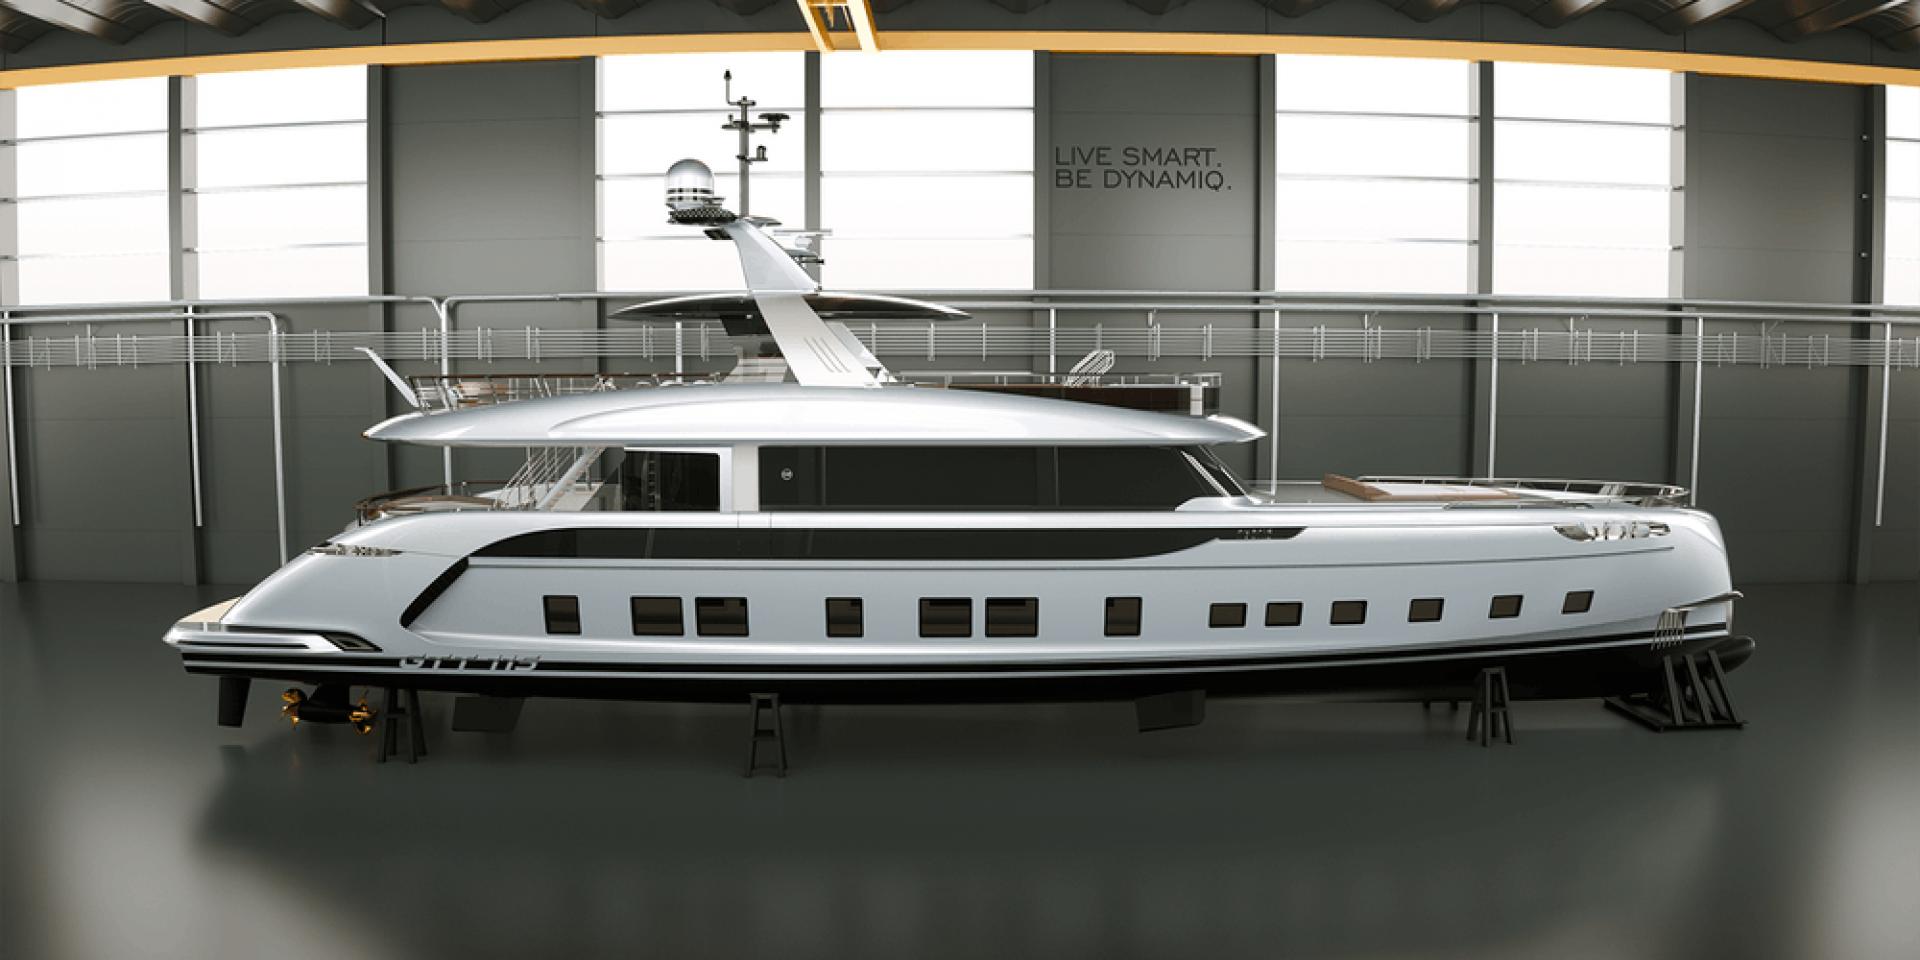 4億台幣的限量保時捷遊艇。DYNAMIQ GTT 115 HYBRID誕生